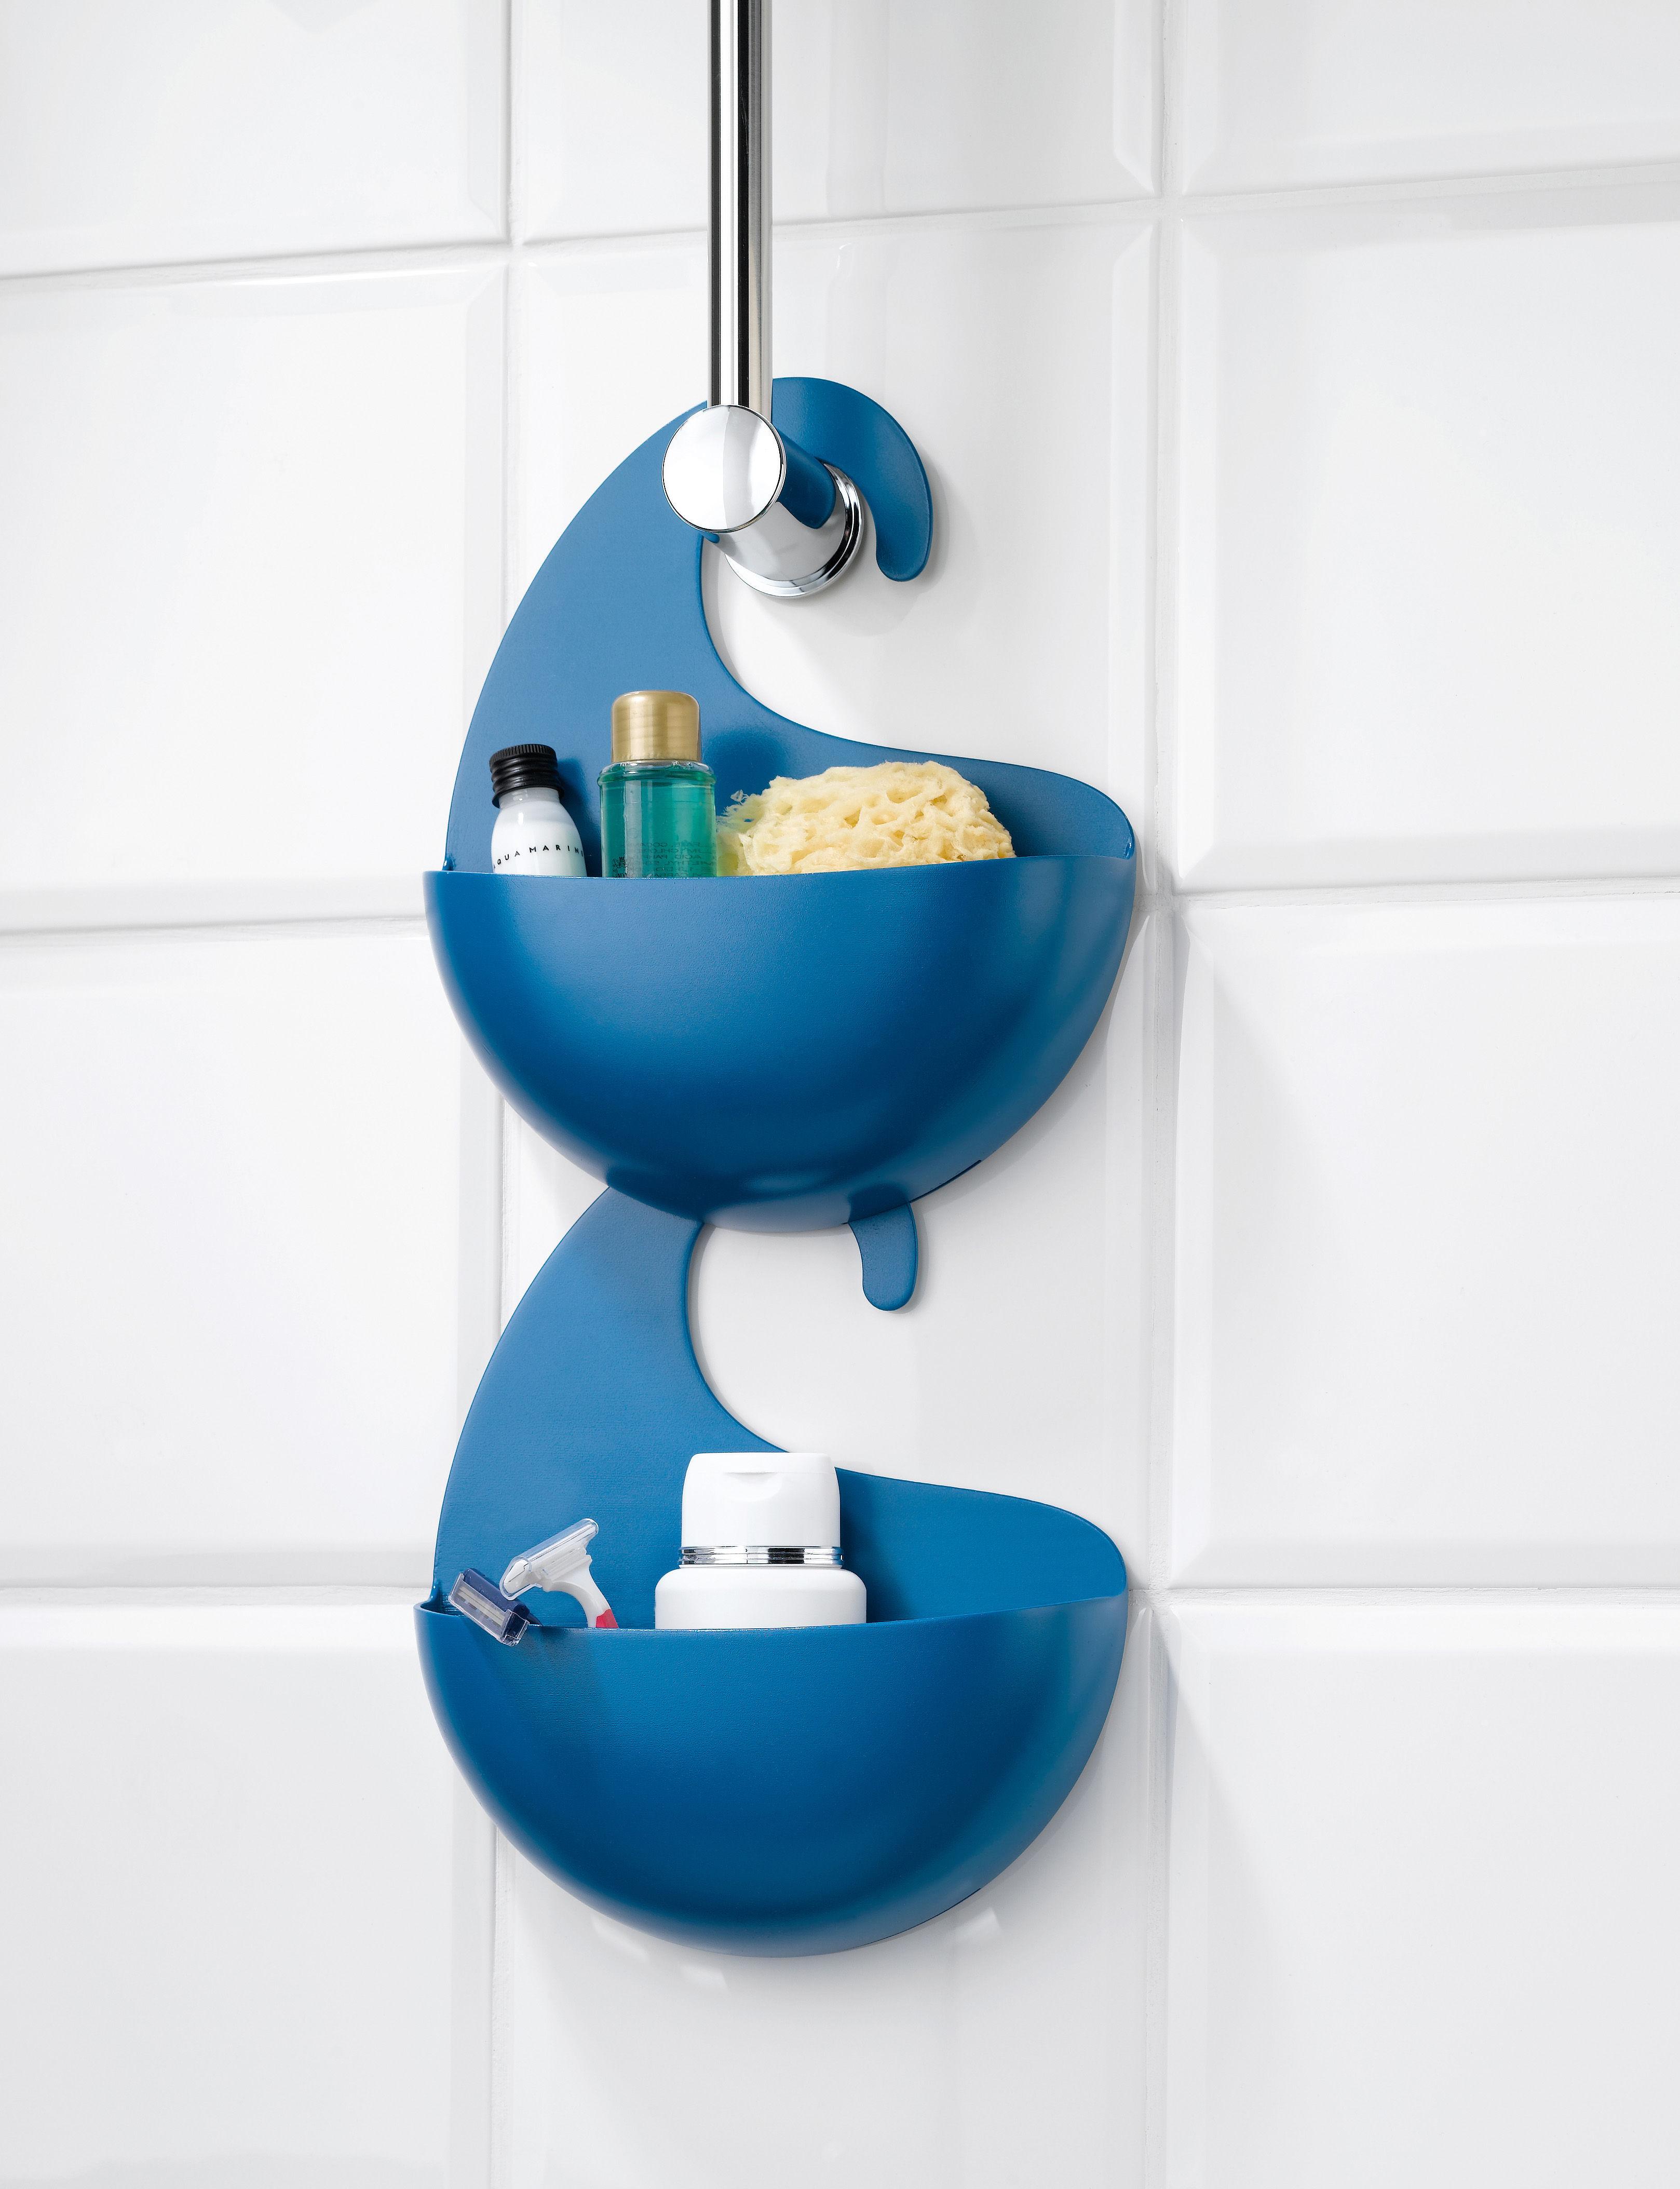 Scopri vaschetta portaoggetti surf da appendere di koziol made in design italia - Accessori doccia portaoggetti ...